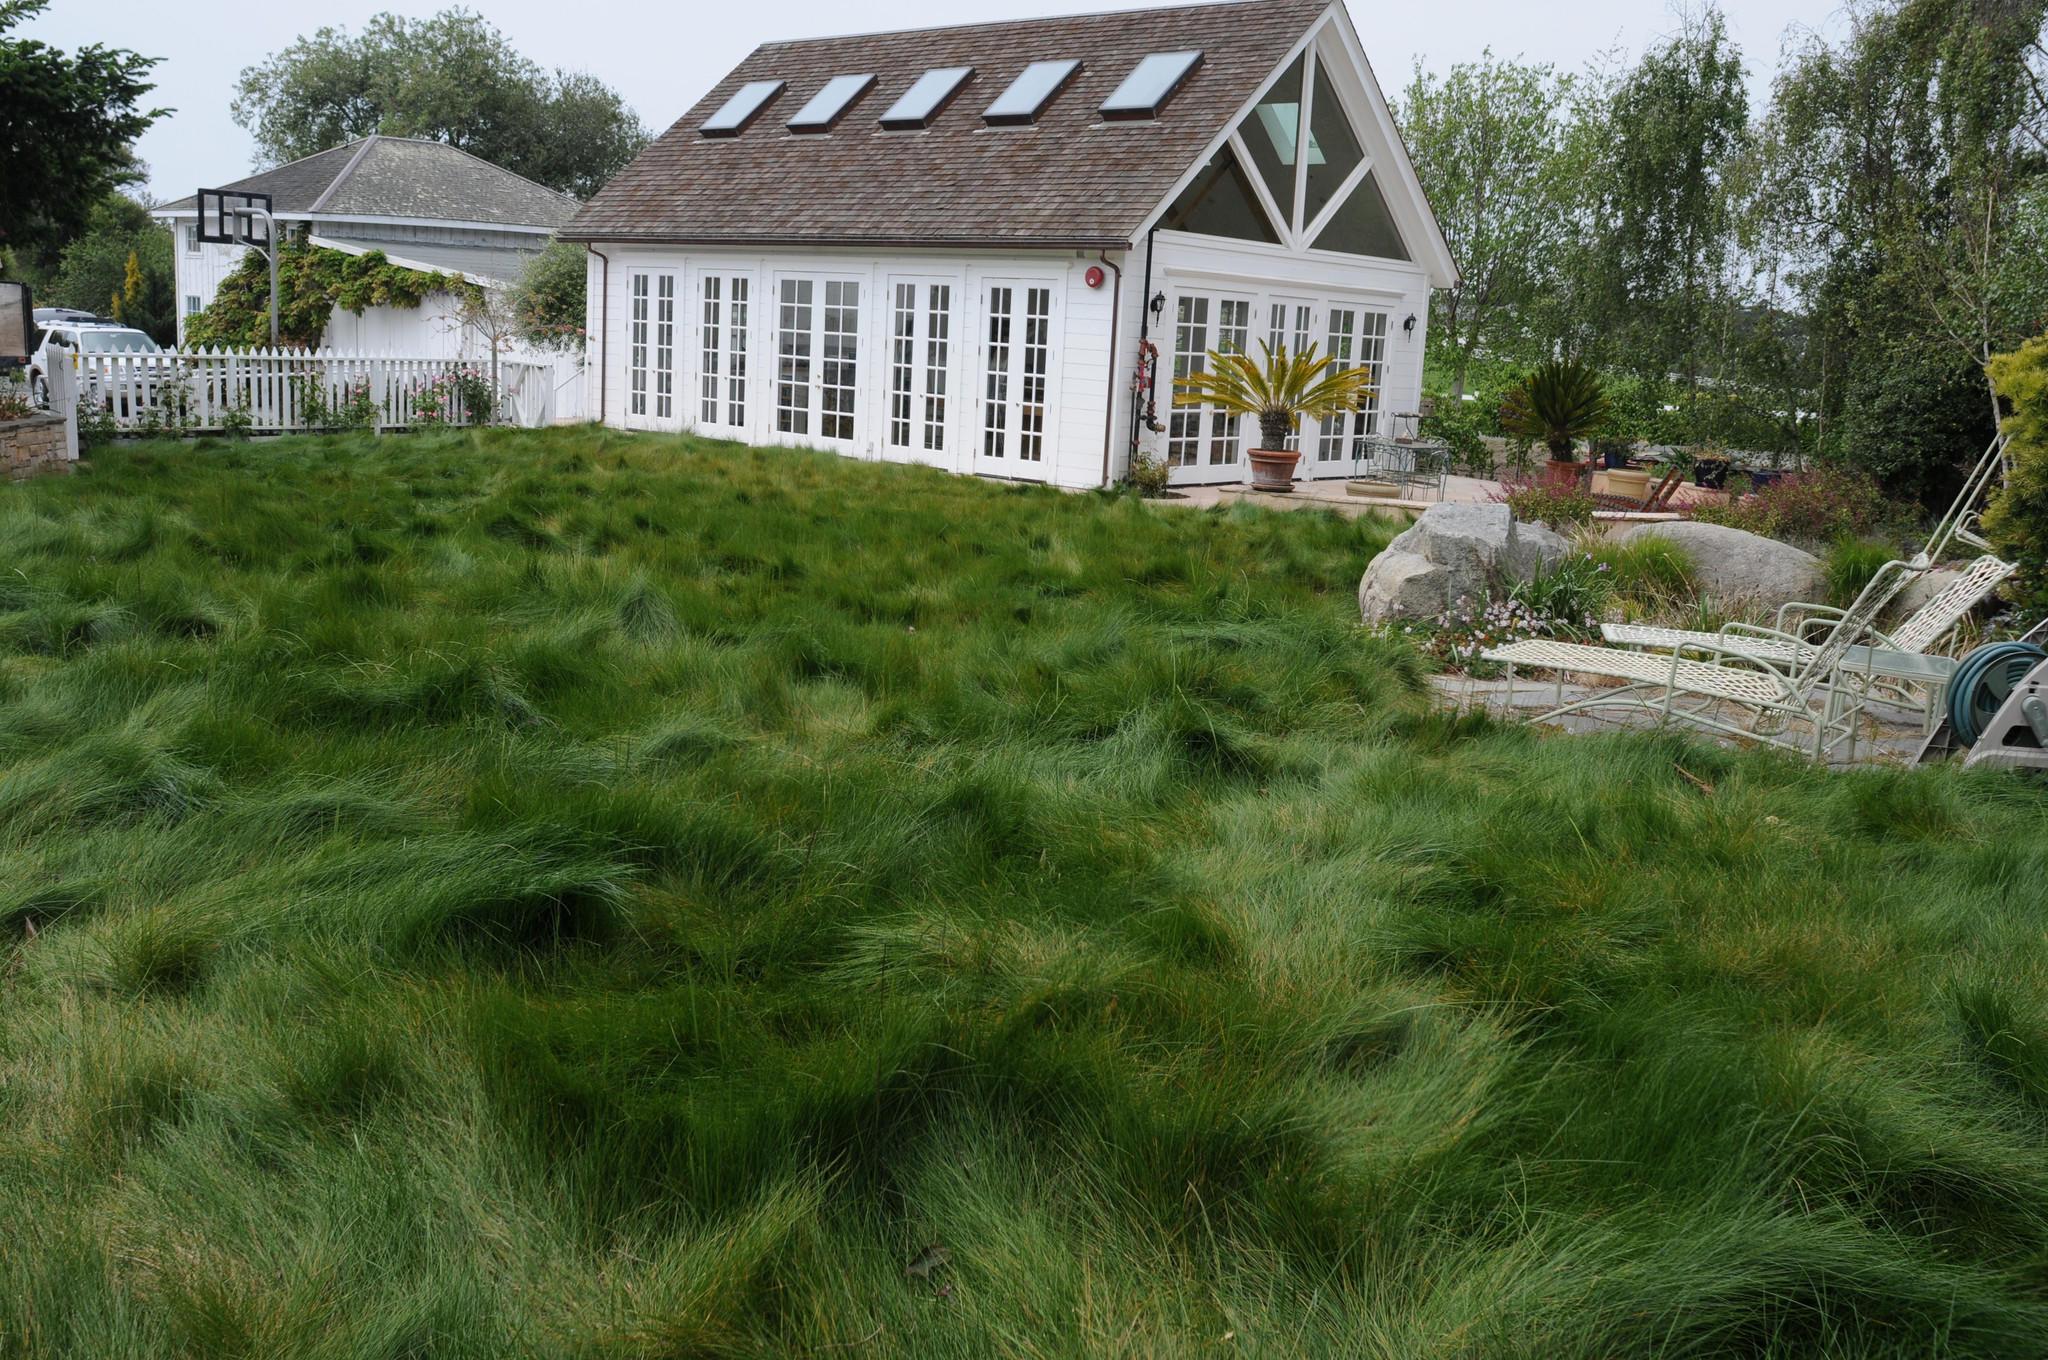 la-hm-water-wise-grass-20150715-002.jpg